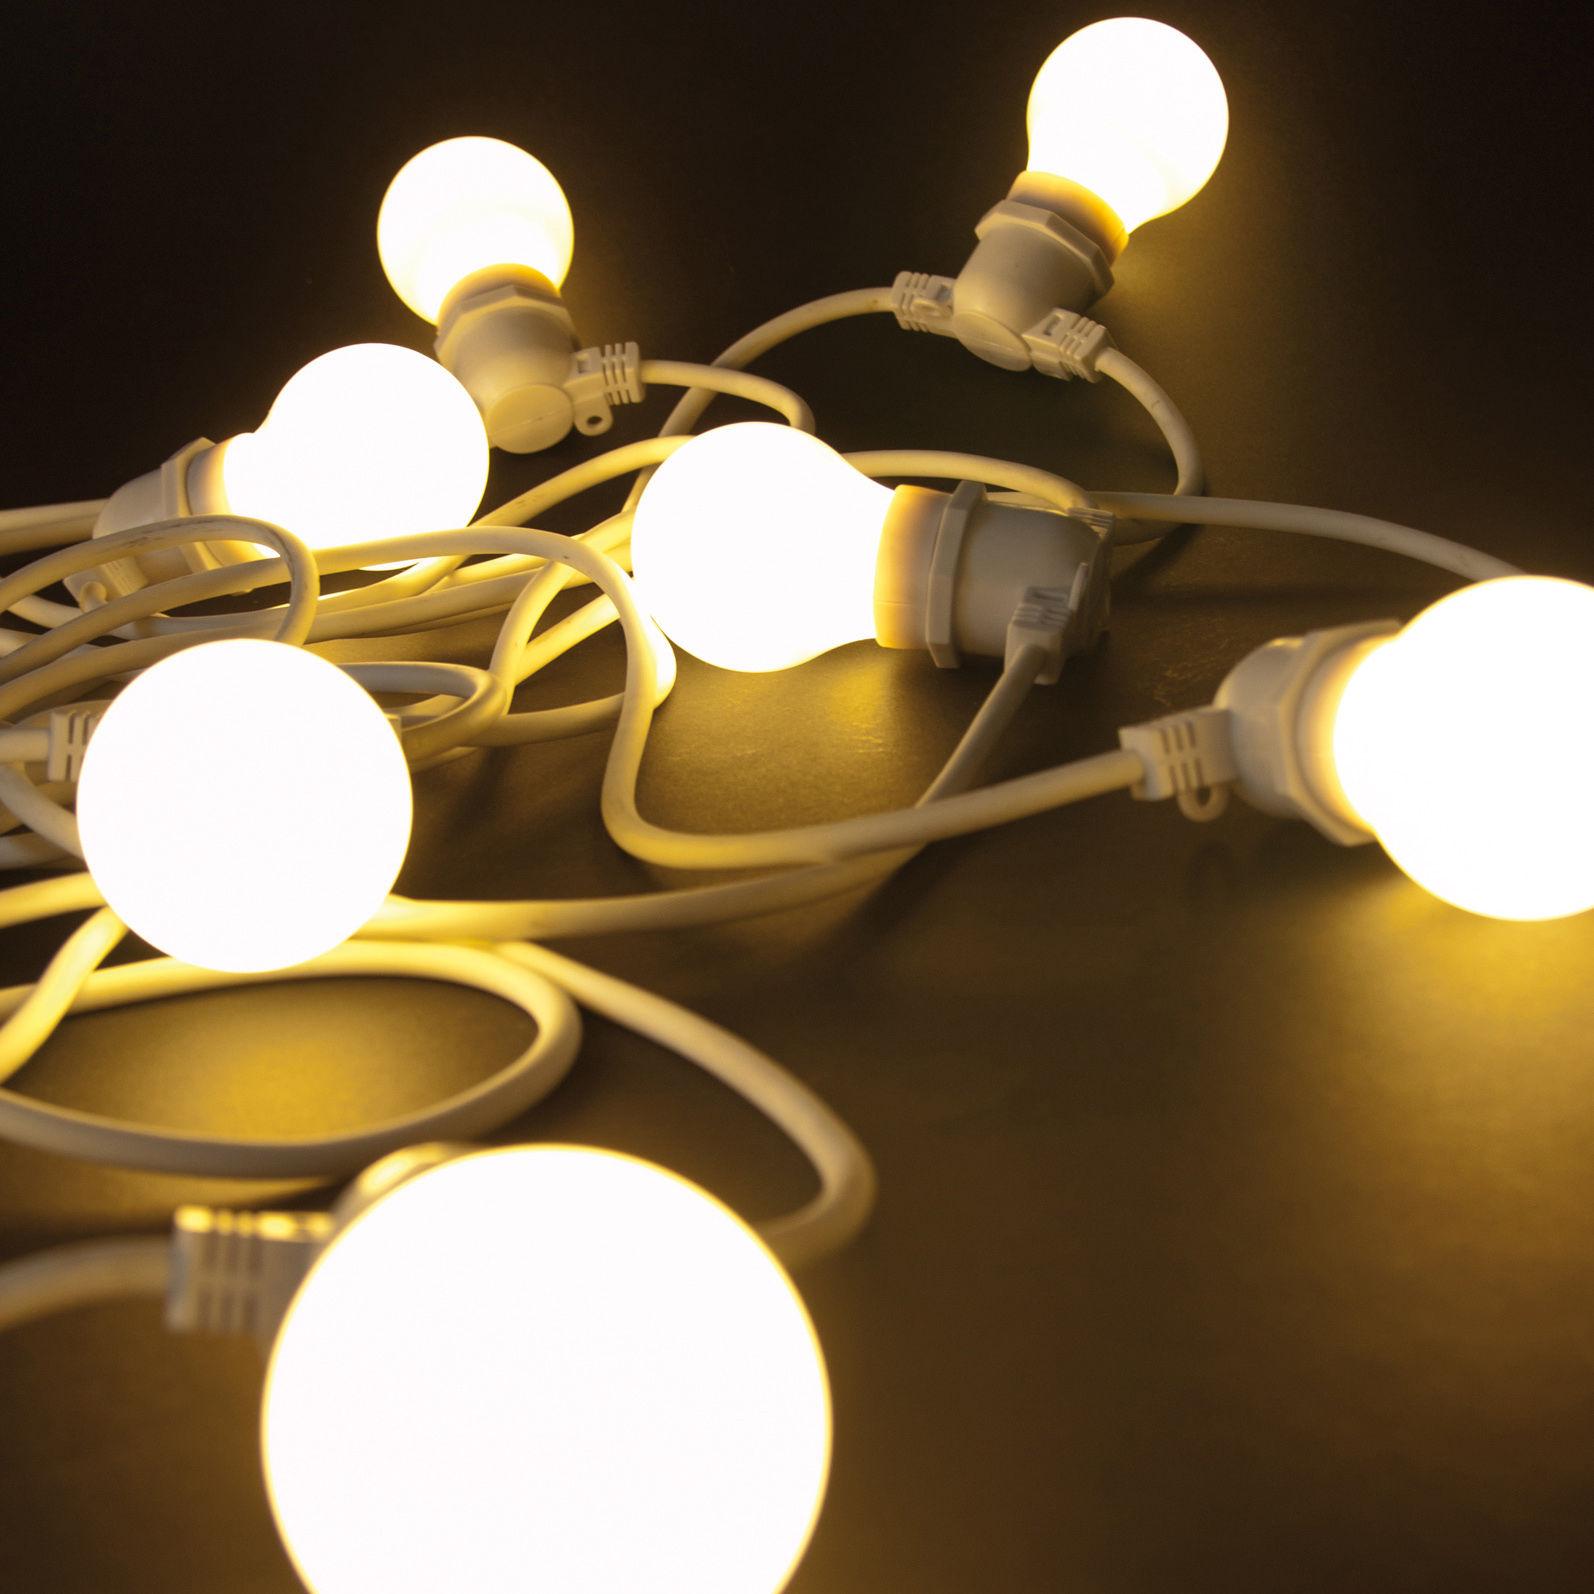 Iegrow 10 Metres Led Impermeabiliser Connectable Chaine De Lumieres 10 E27 Pont Dedison Ampoules Retro Pour Porche Deck Taverne Patio Jardin Fete Exterieur Guirlandes Lumineuses Guirlandes Lumineuses Luminaires Exterieur